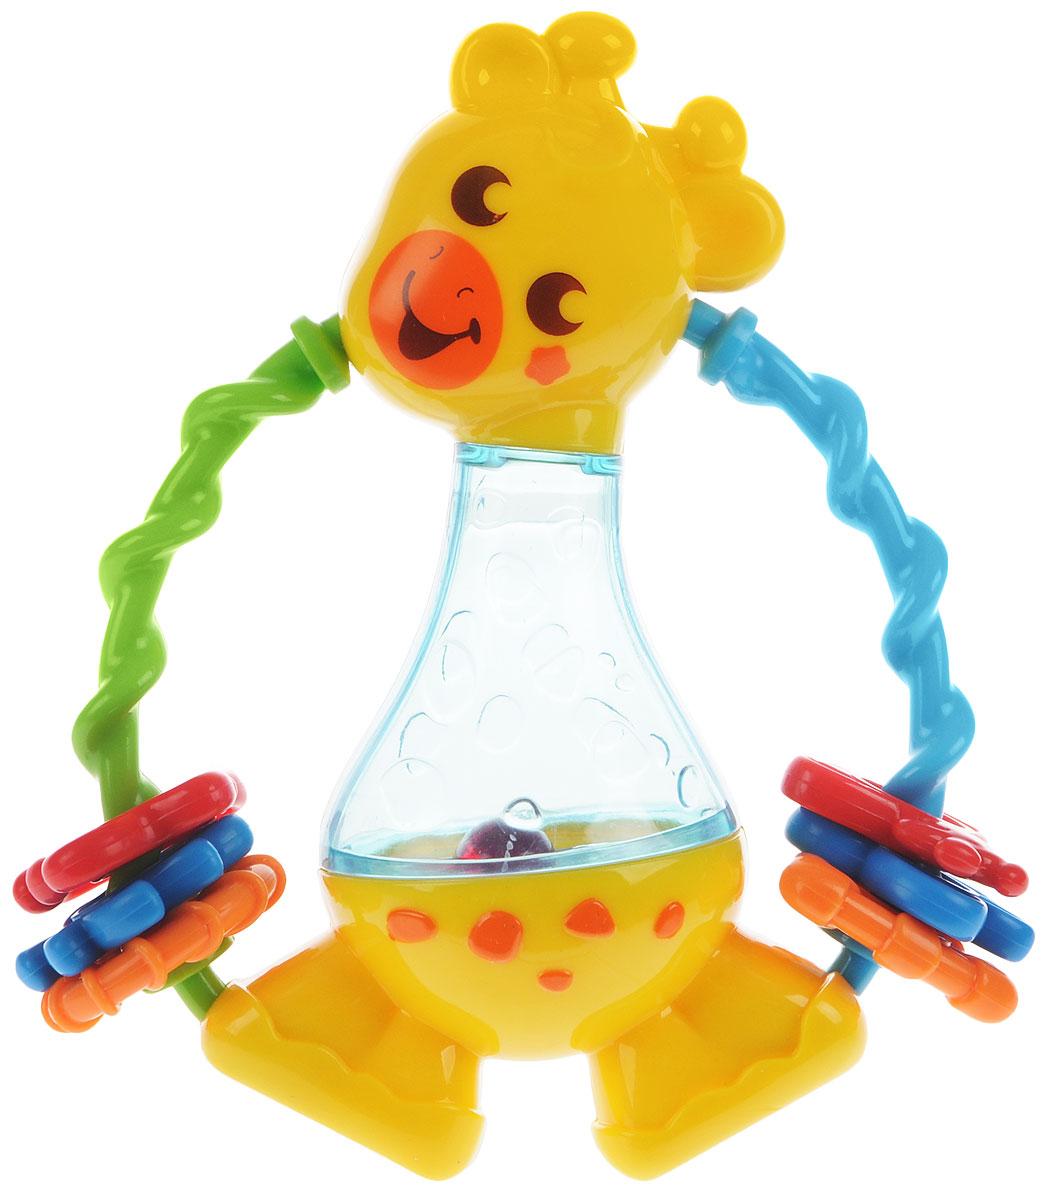 Playgo Погремушка ЖирафPlay 1550Яркая погремушка Playgo Жираф изготовлена из высококачественного и прочного пластика, безопасного для детей. Это красивая и безопасная игрушка, которая подходит для детишек от 6 месяцев. Погремушка выполнена в виде приветливого жирафа со вставкой из прозрачного пластика в центре. Внутри этой вставки находится шарик. По бокам расположены спиралевидные ручки, на которые нанизаны фигурки различных цветов. Погремушка Playgo Жираф способствует развитию мелкой моторики, воображения, цветового и зрительного восприятия.